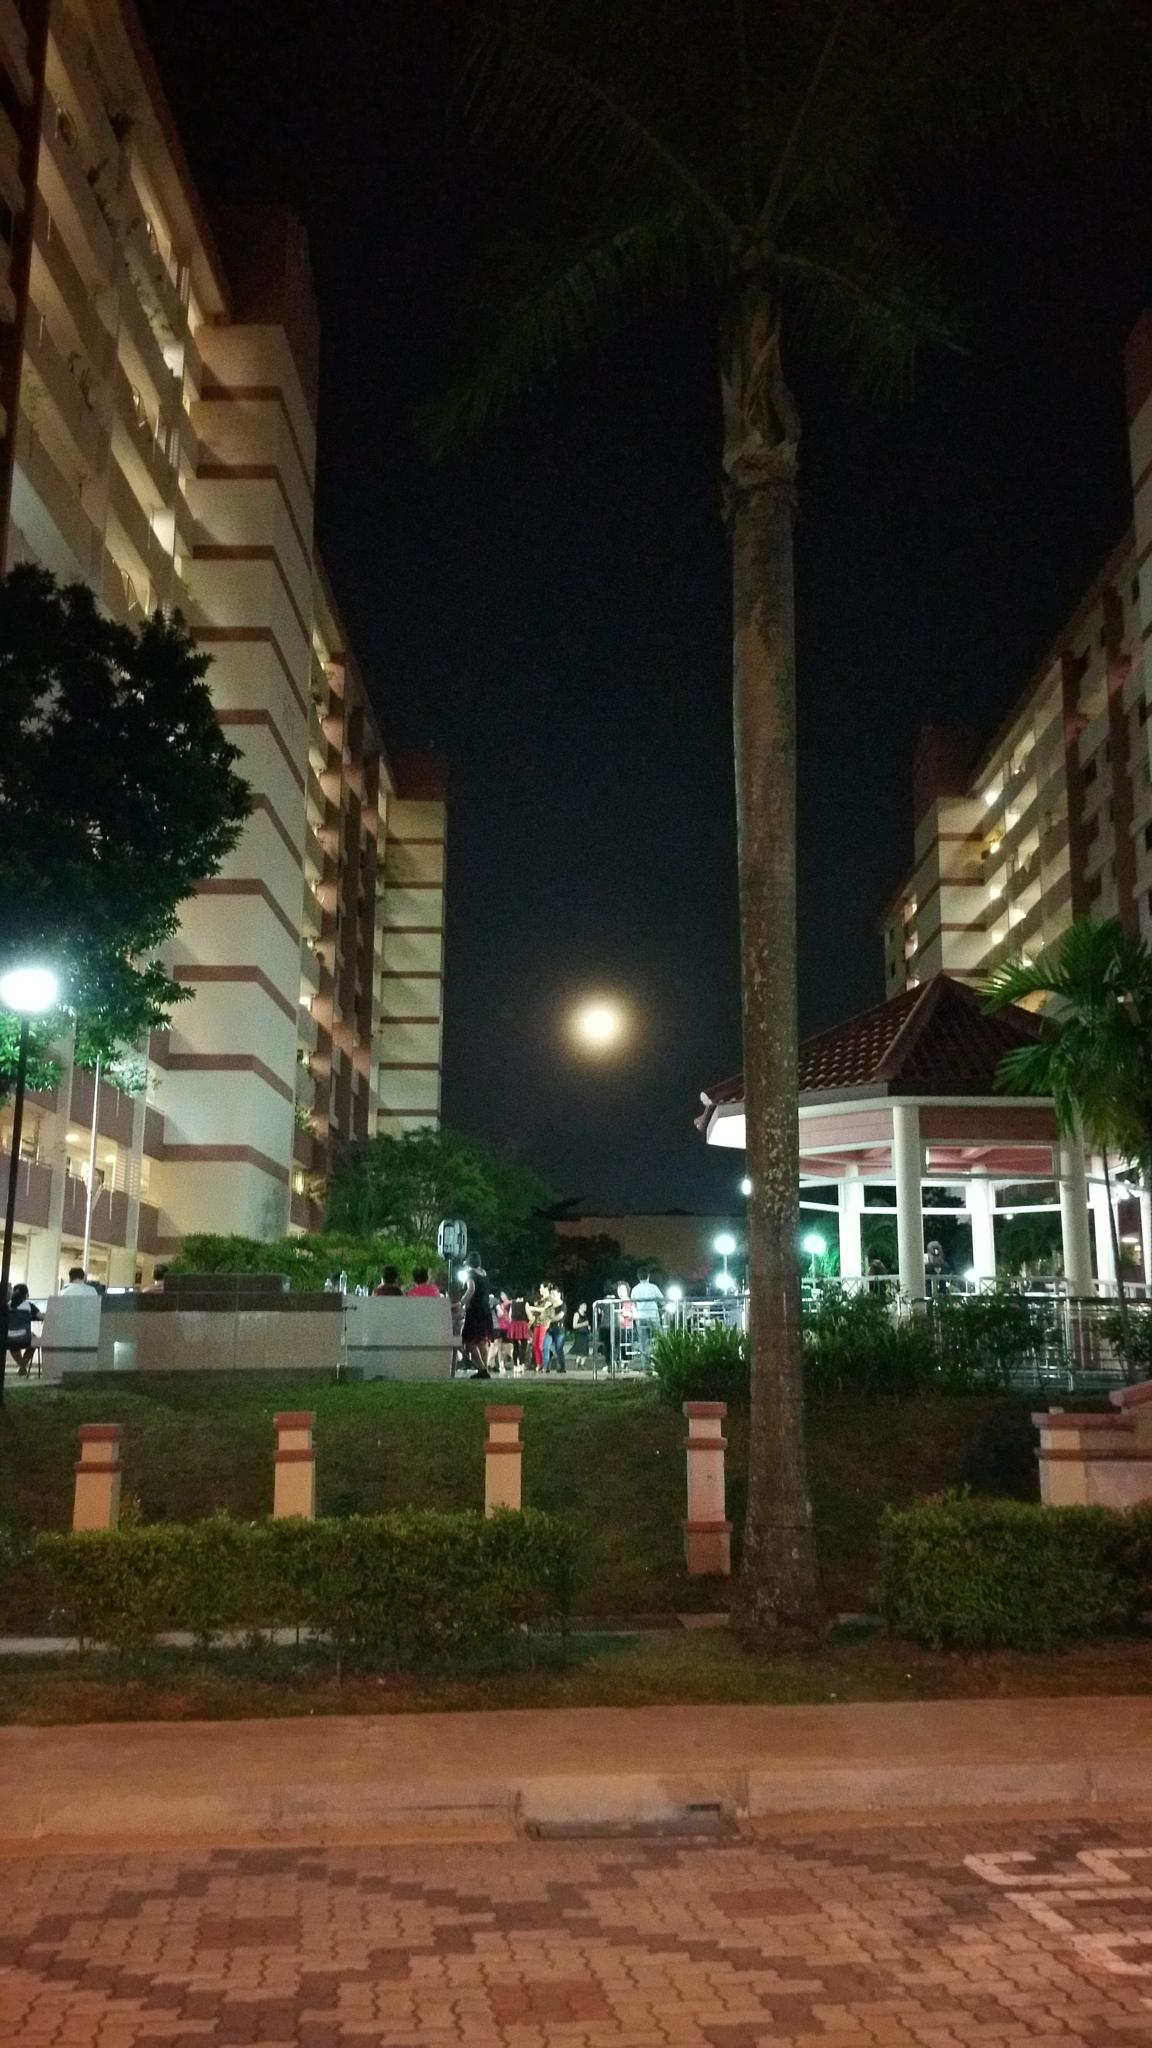 Dancing Under the Moon by leehenrysg